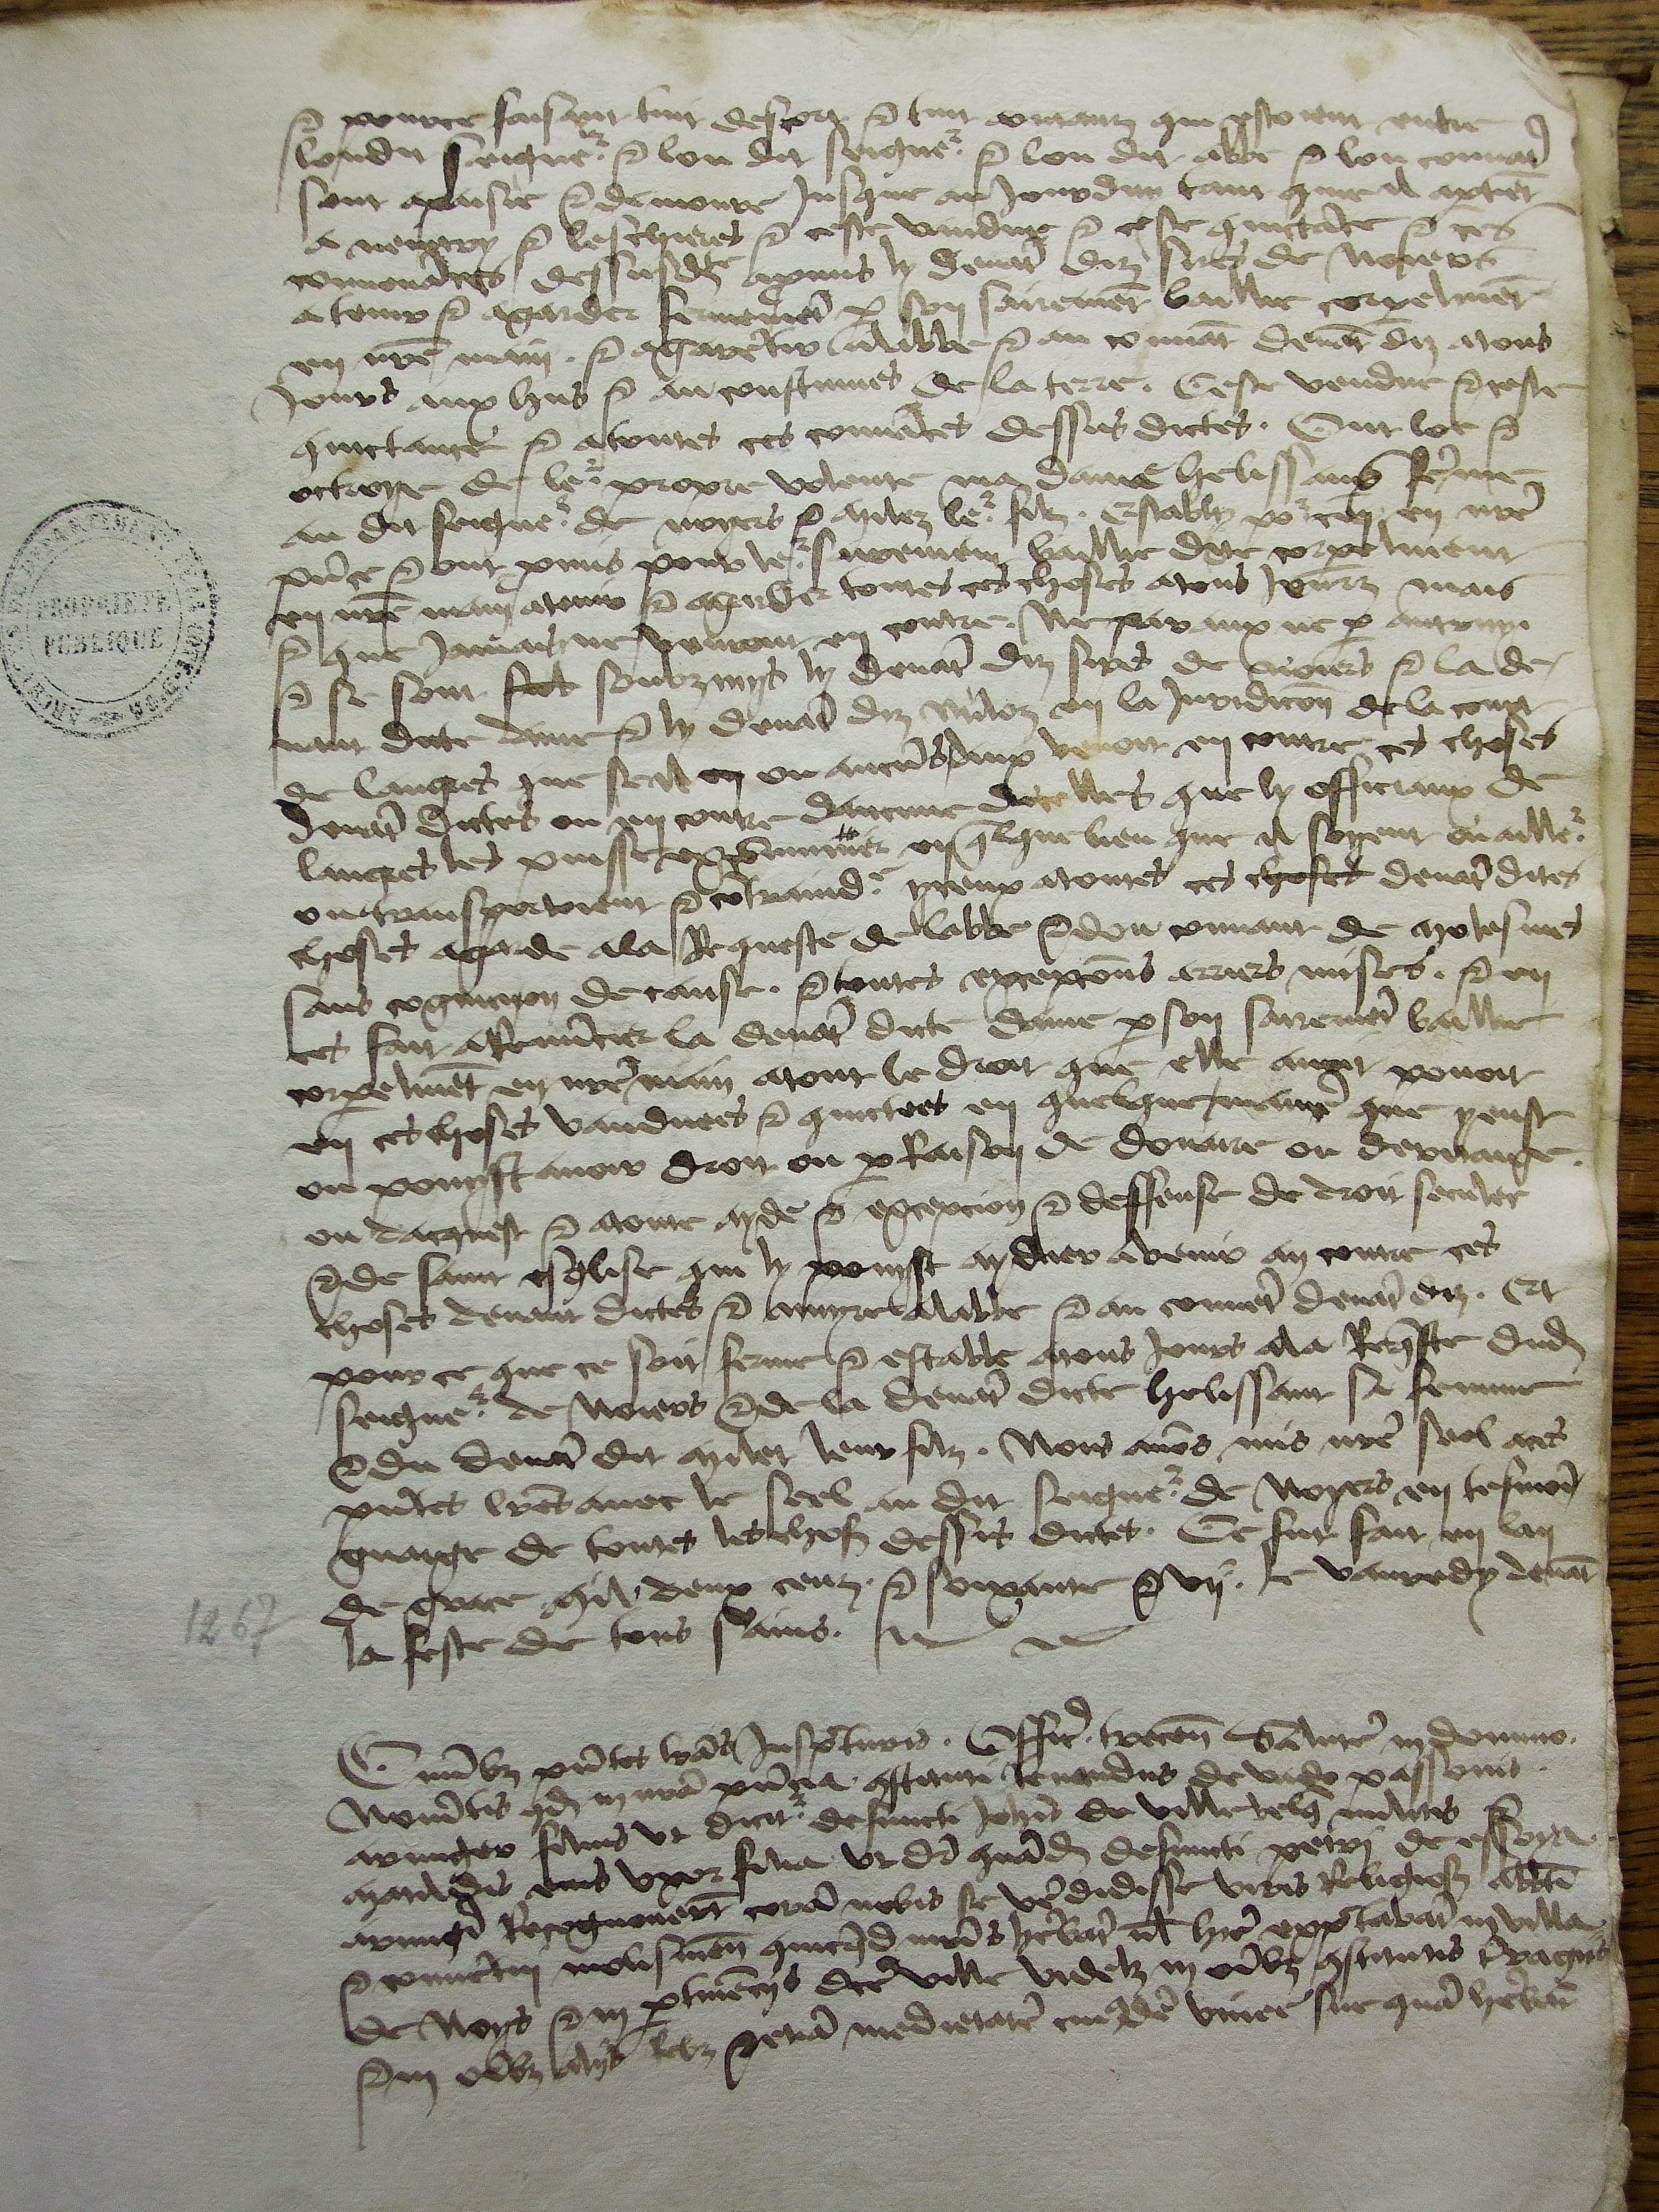 Dijon, Archives départementales de Côte d'Or, 7 H 641